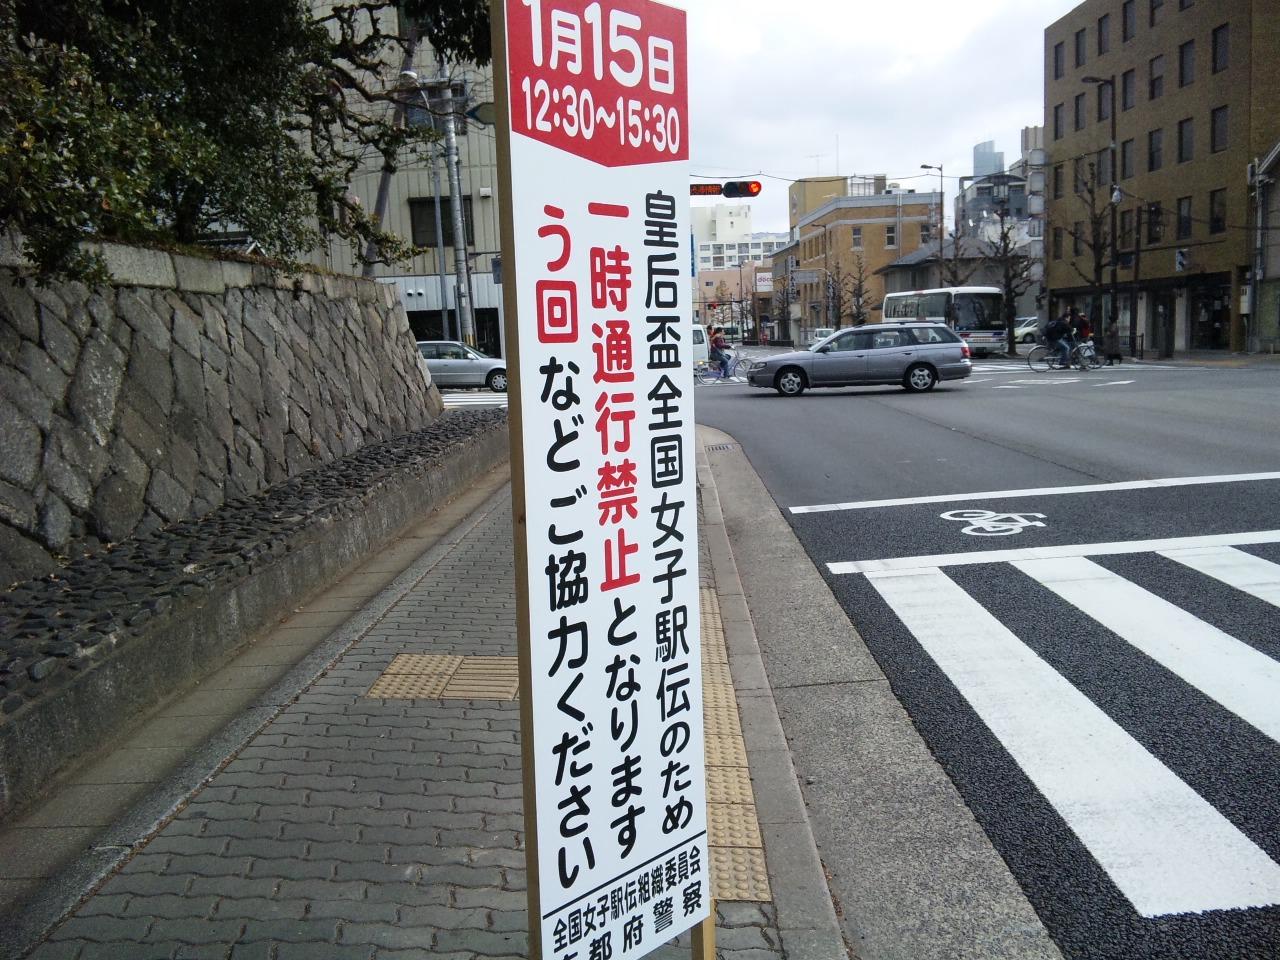 011401.jpg